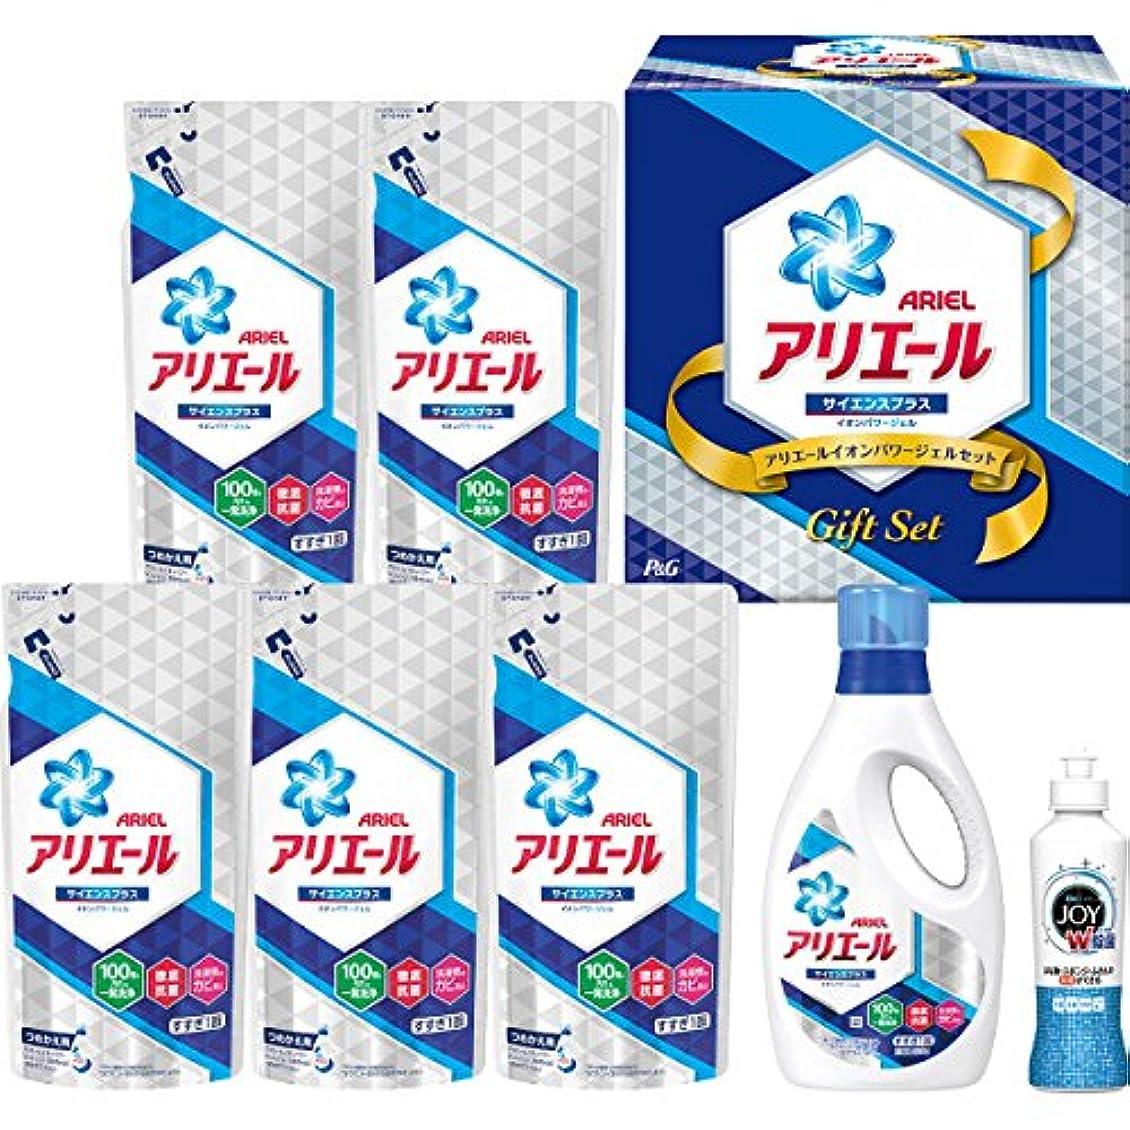 事故薬傑出したP&G(ピーアンドジー) 【お歳暮2018】P&G アリエールイオンパワージェルセット(PGIG-40XA)